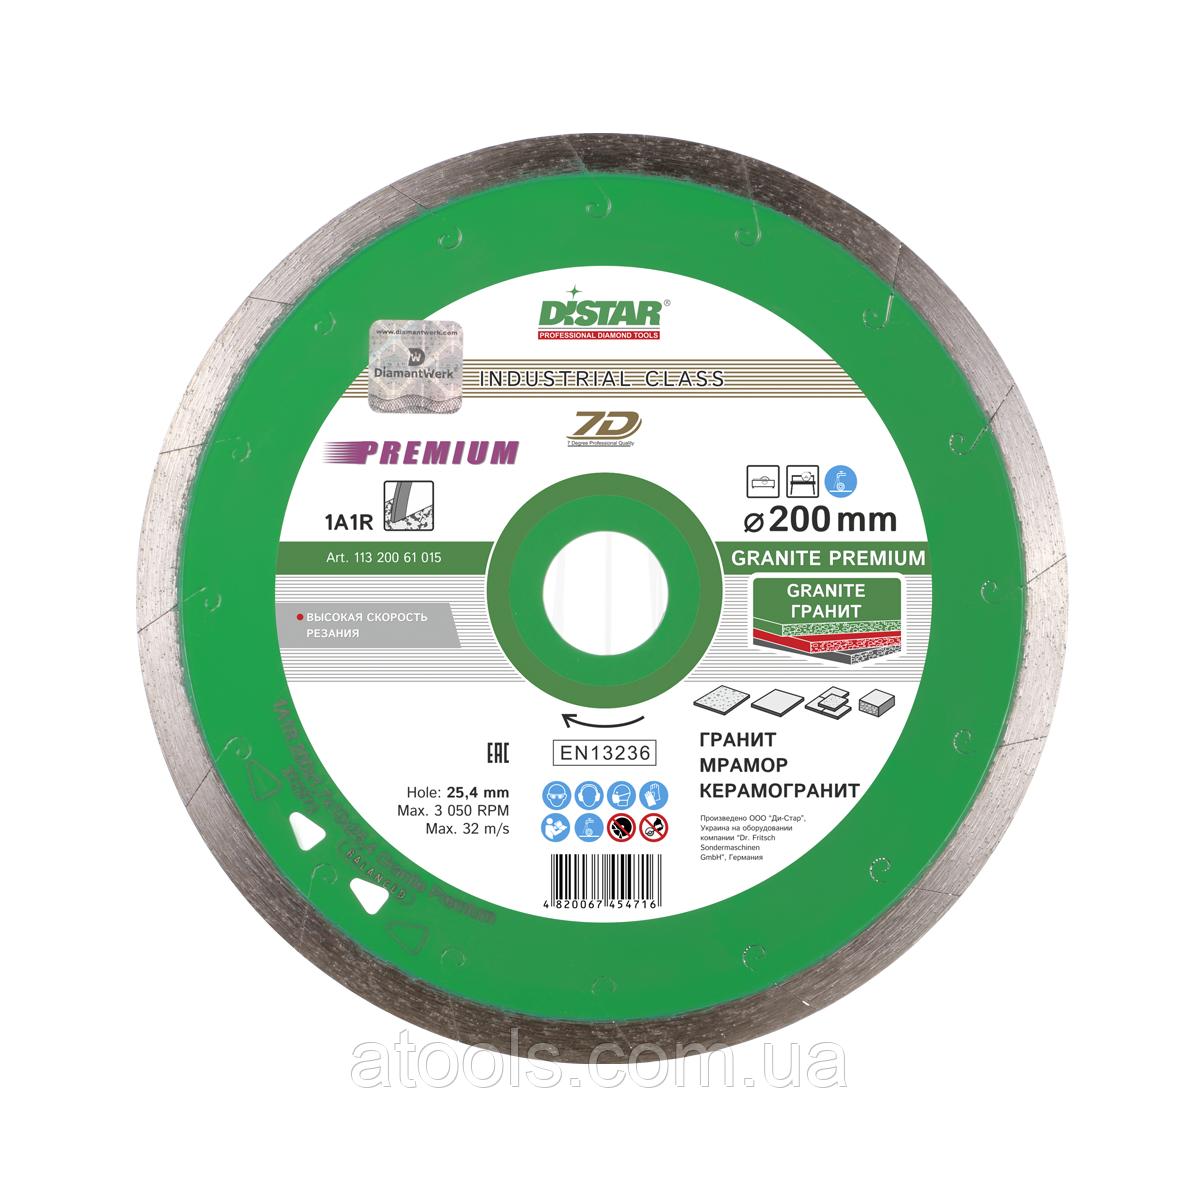 Алмазный отрезной диск Distar Granite Premium 1A1R 300x2.4x10x32 (11327061022)